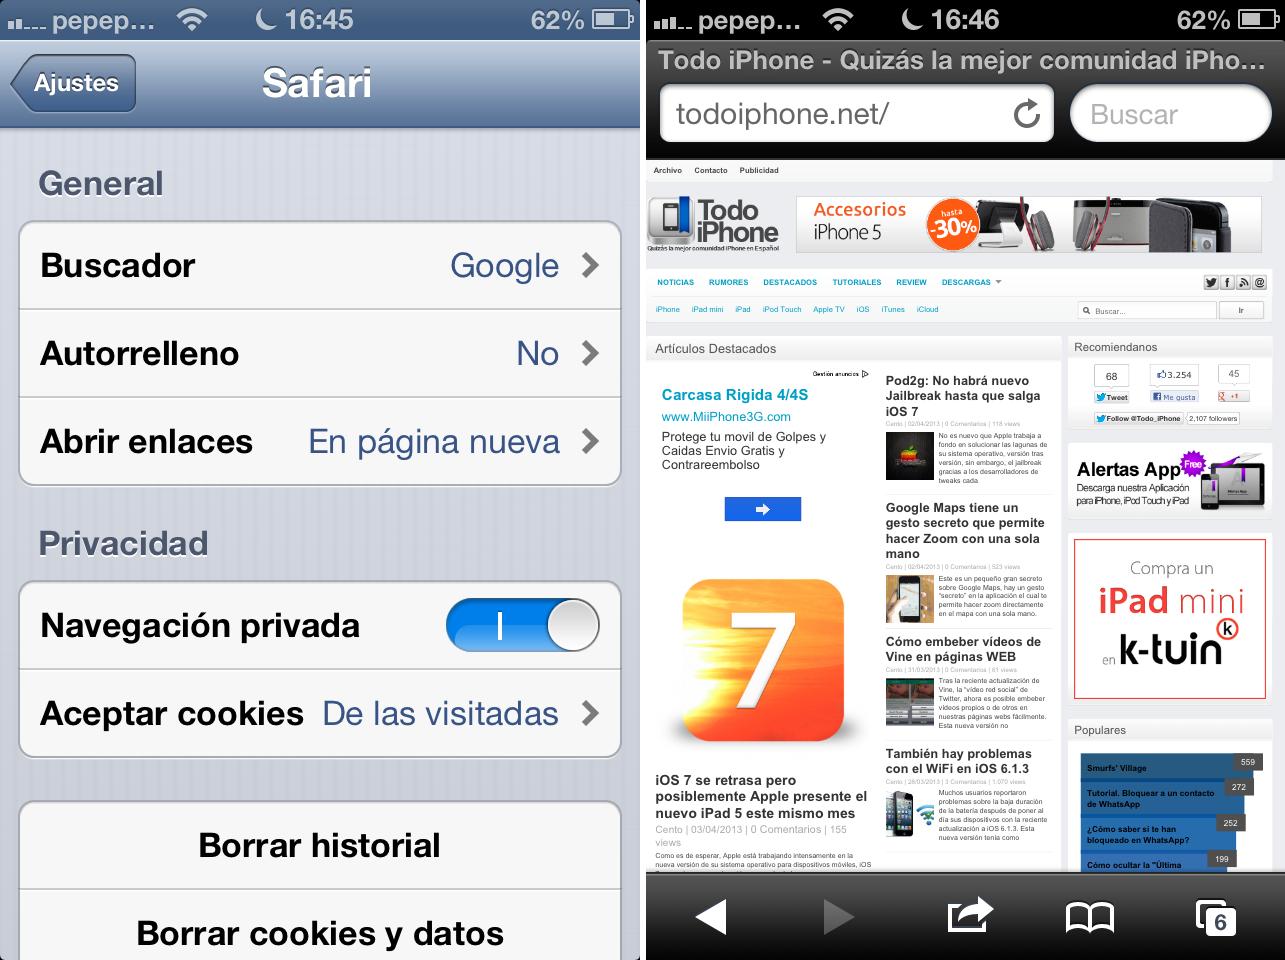 Como usar la navegación privada en iOS